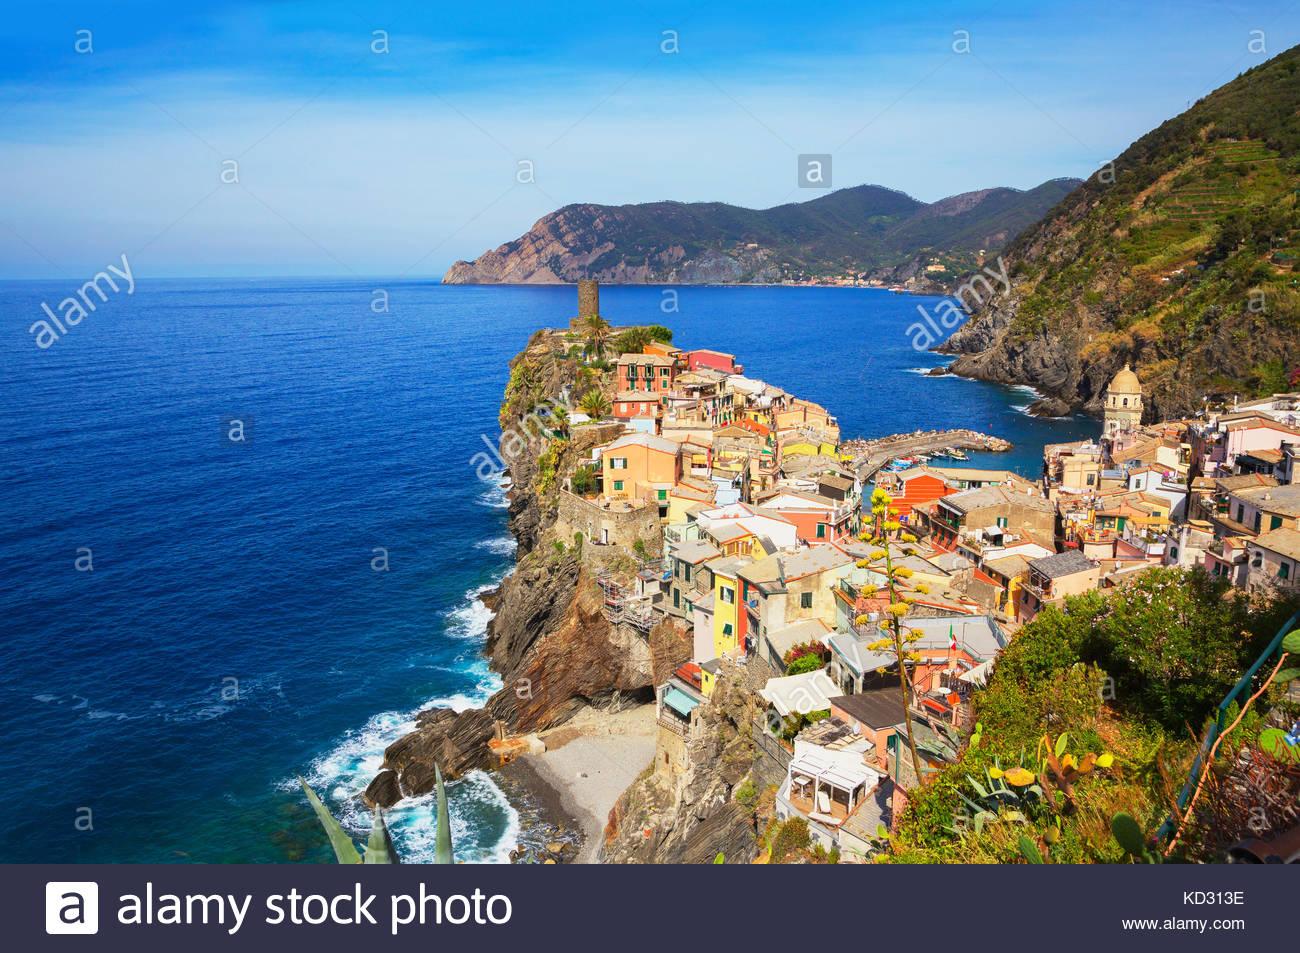 Cliff Side aldea pesquera, Vernazza, Liguria, Italia, Europa Foto de stock